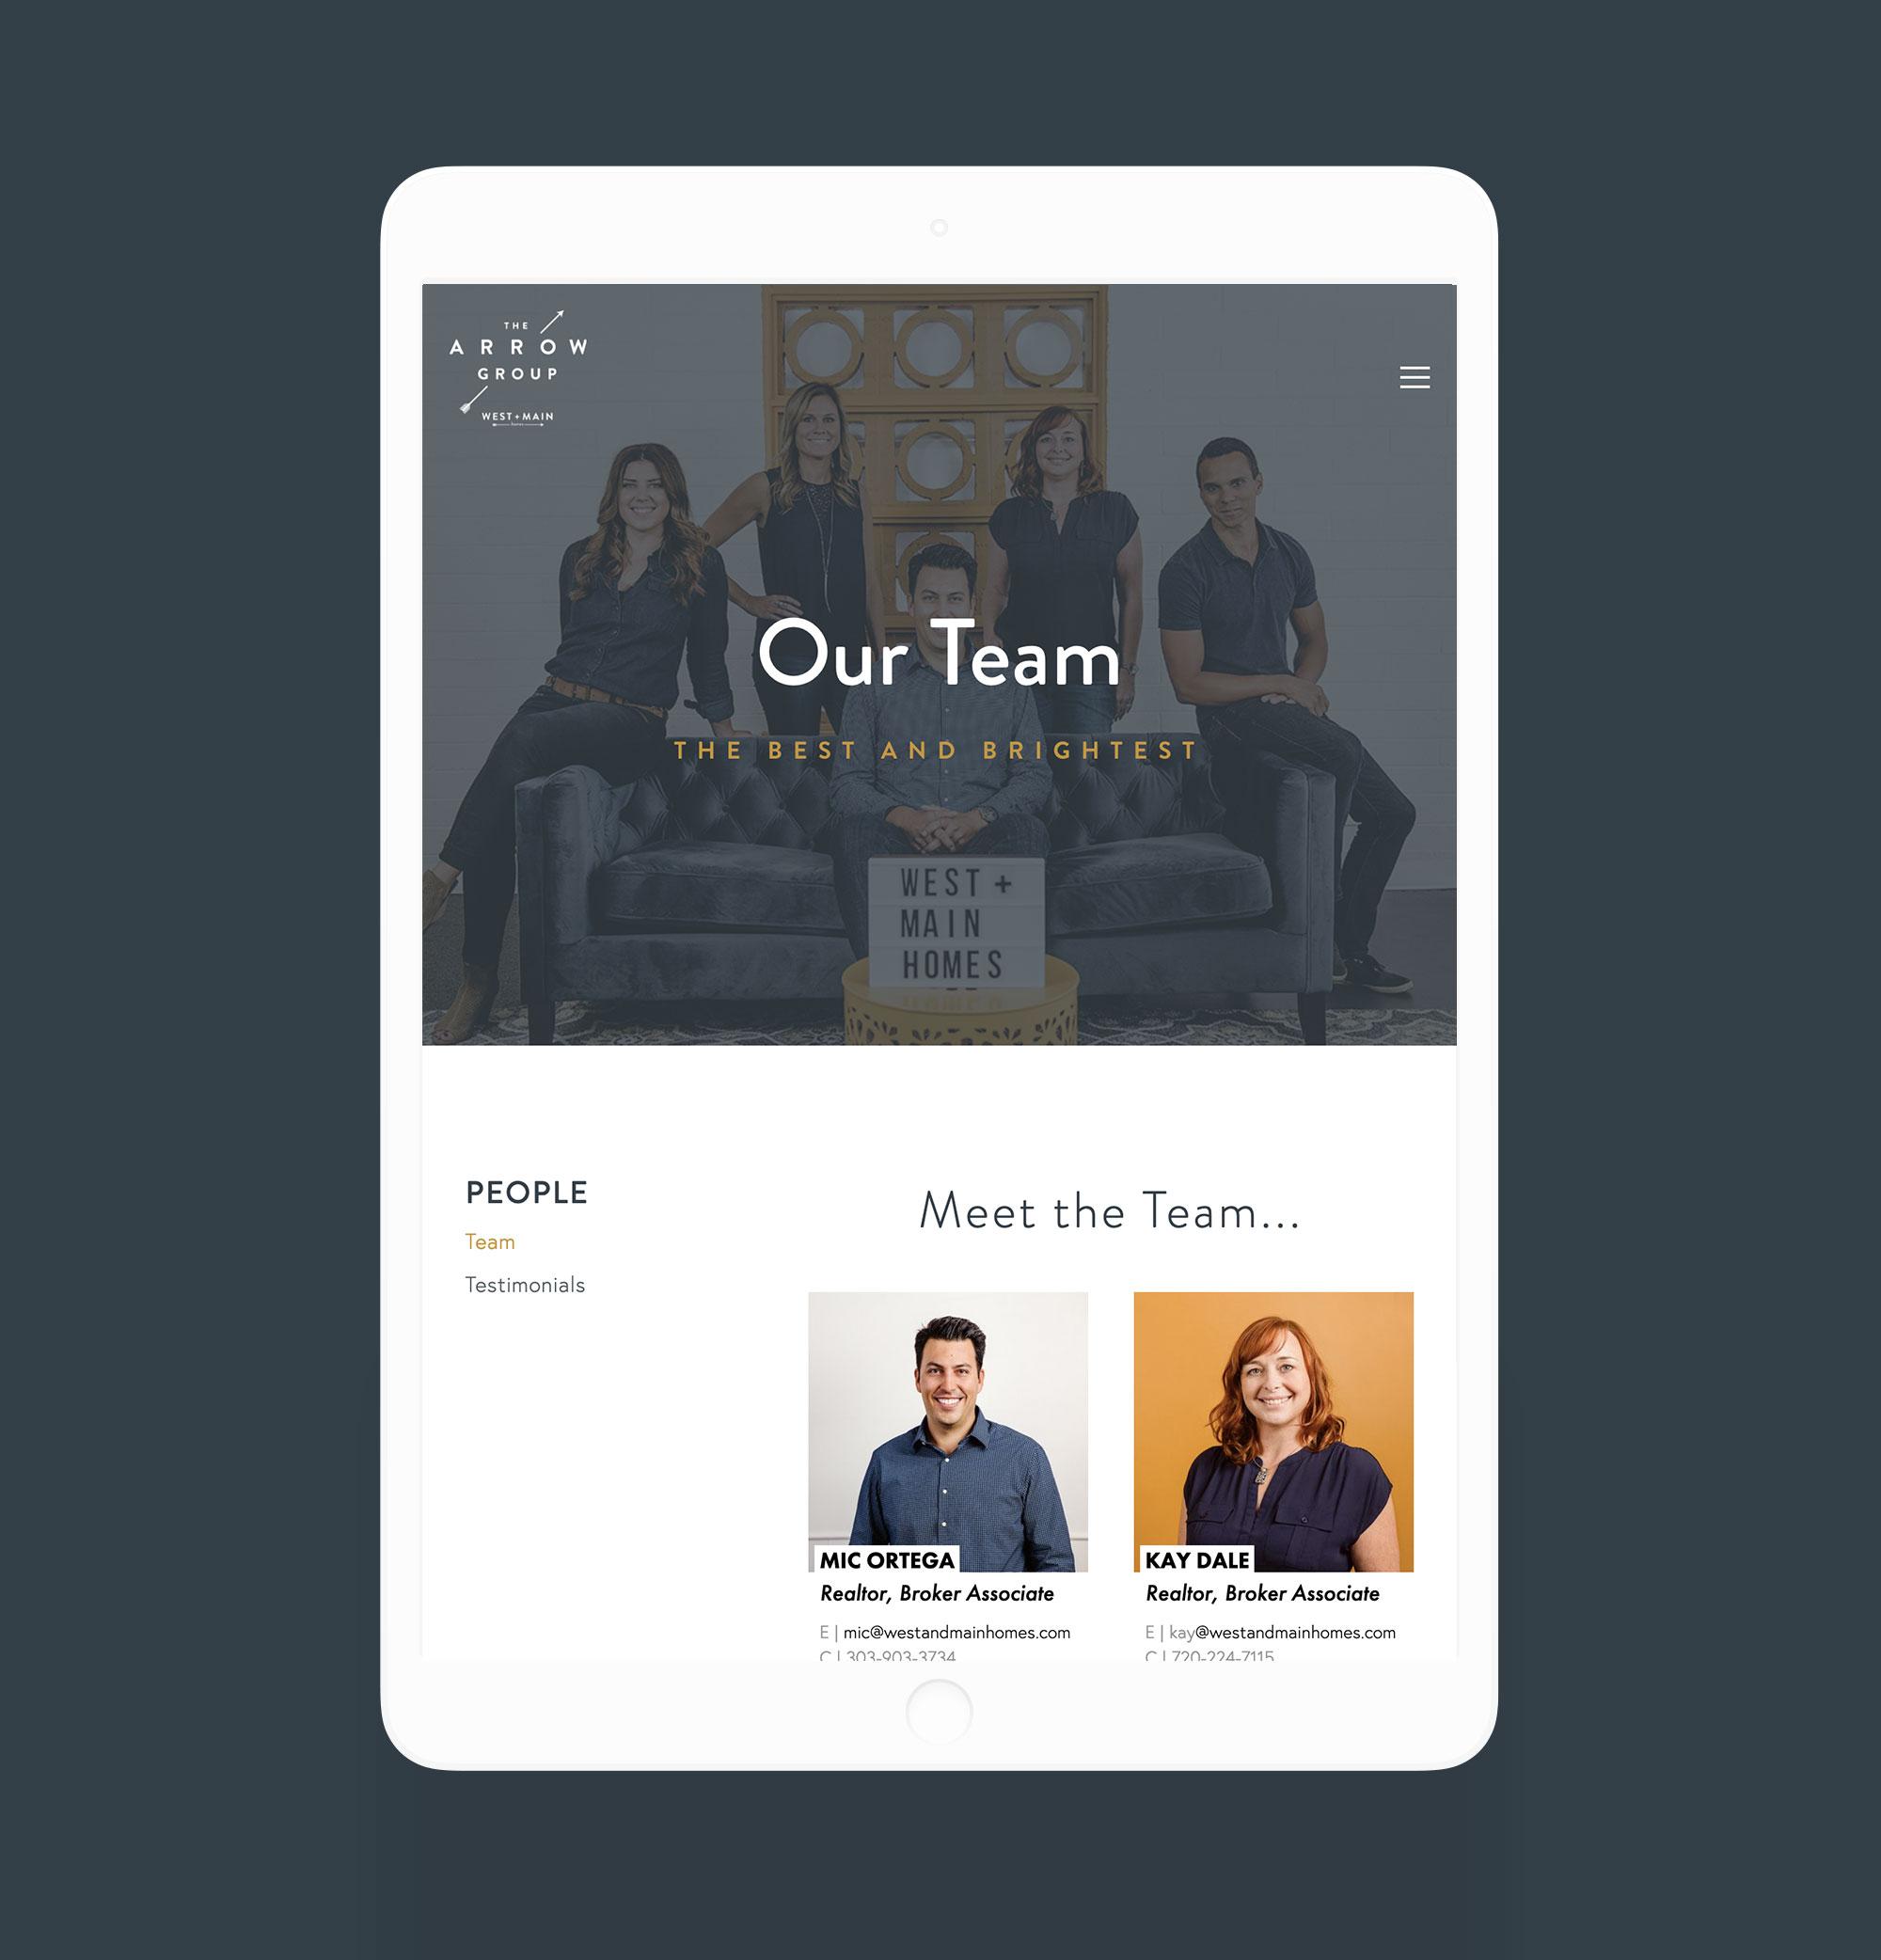 arrow-group-web-iPad-our-team.jpg